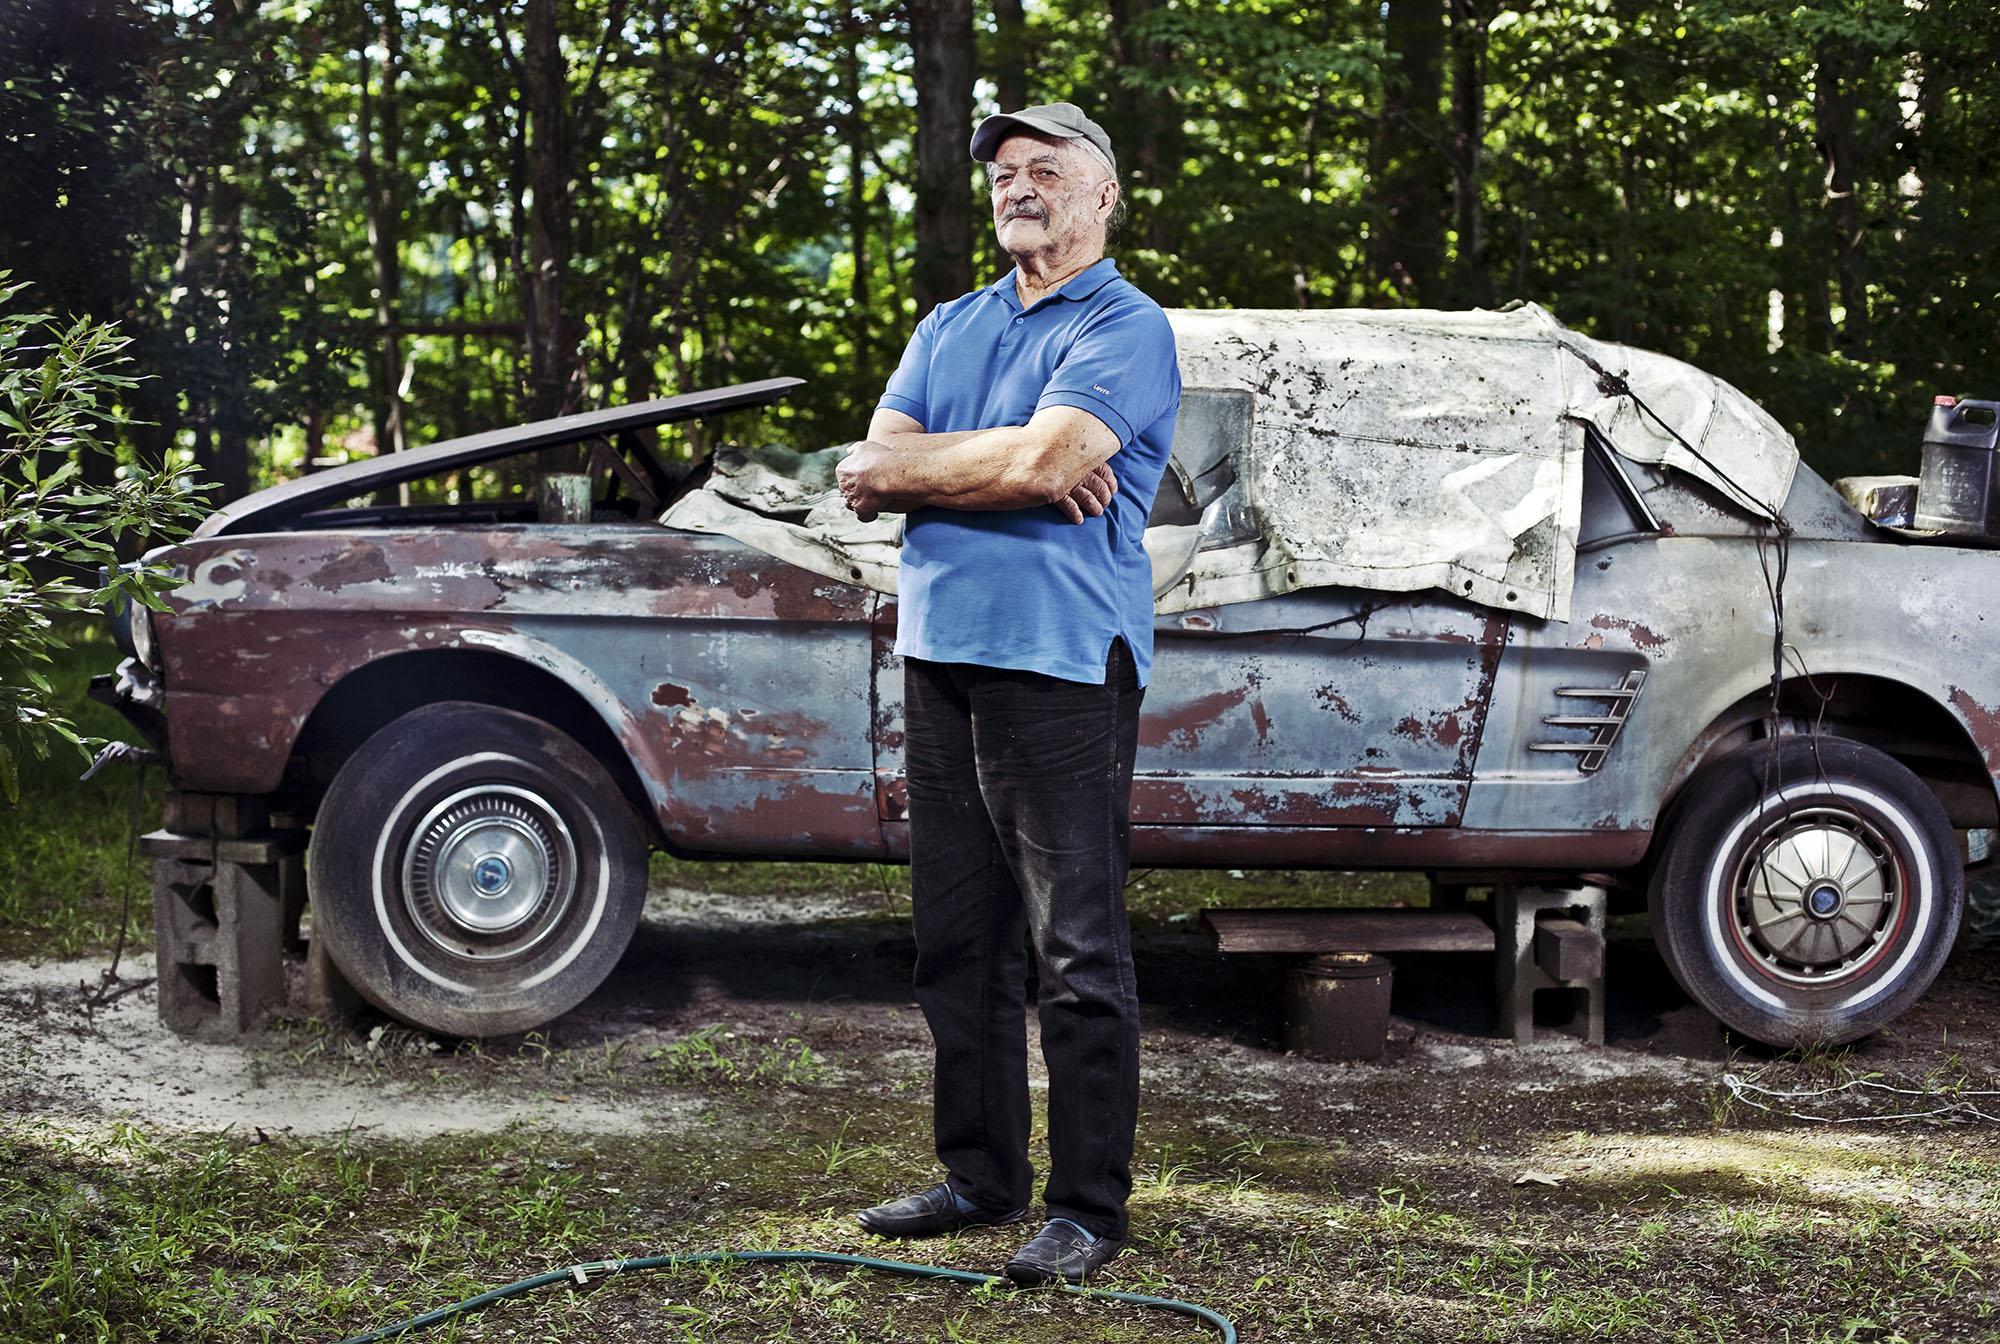 Lifelong Mechanic